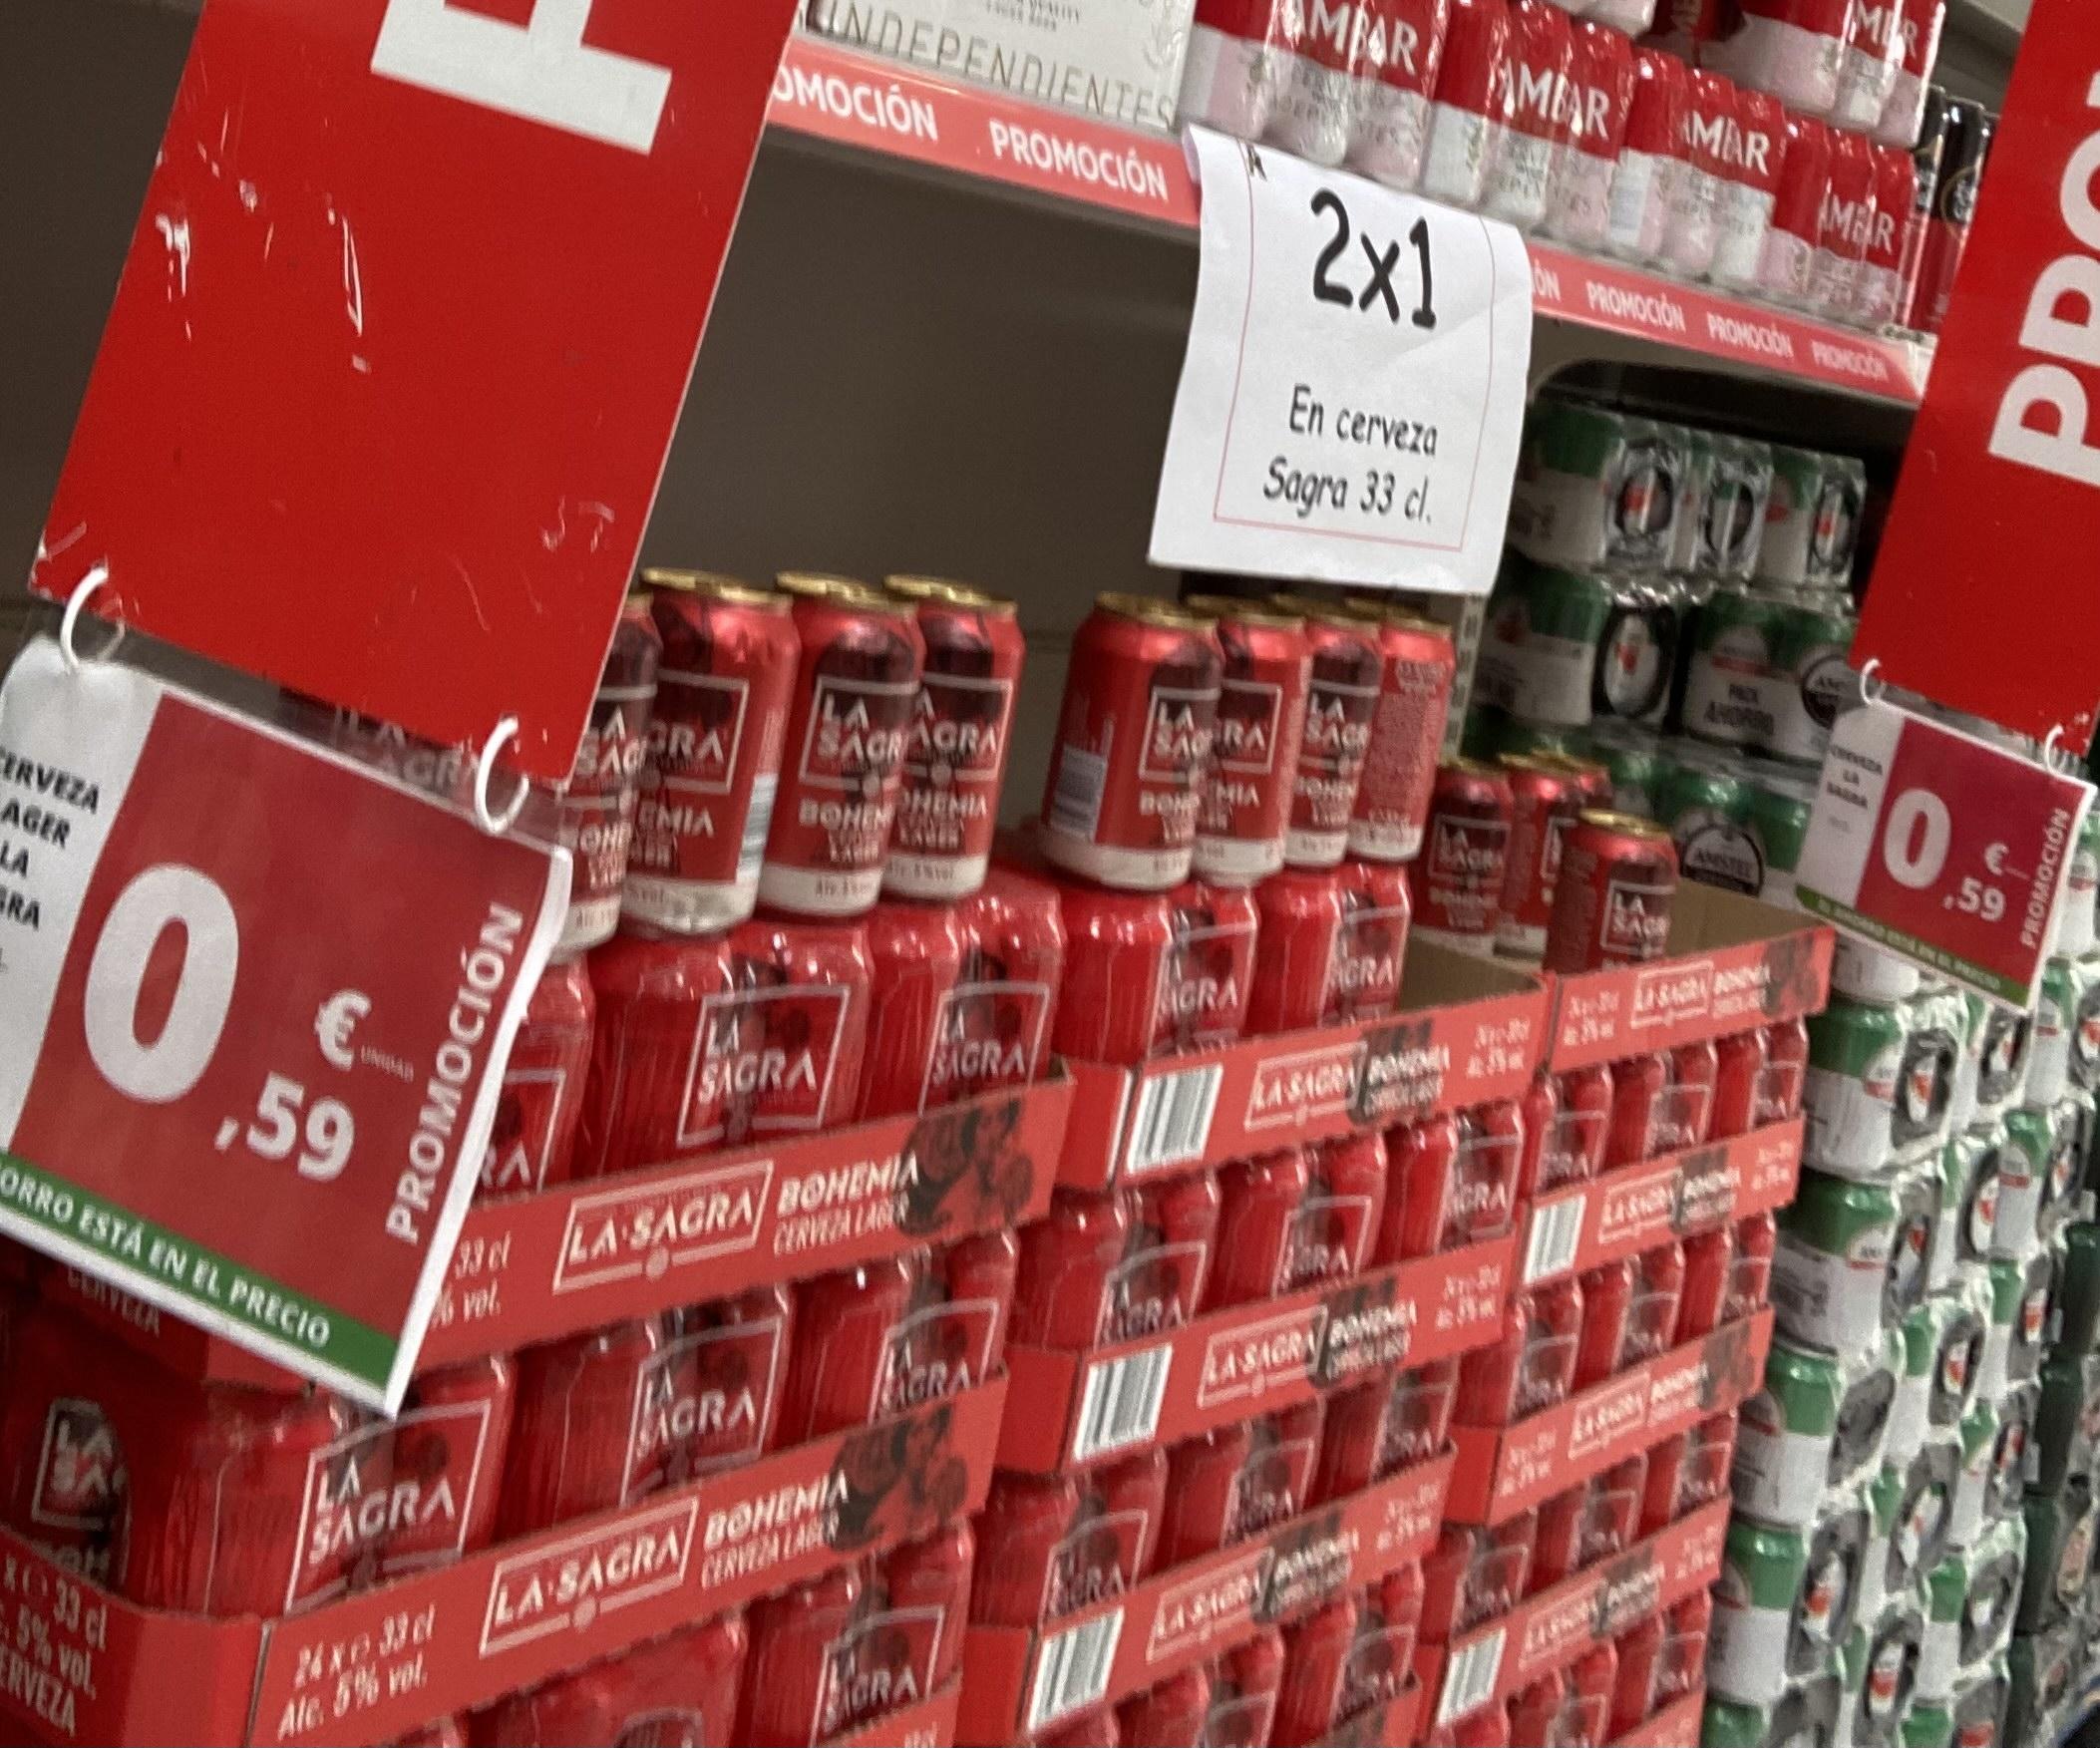 2 latas cerveza La Sagra Bohemia 0,59€